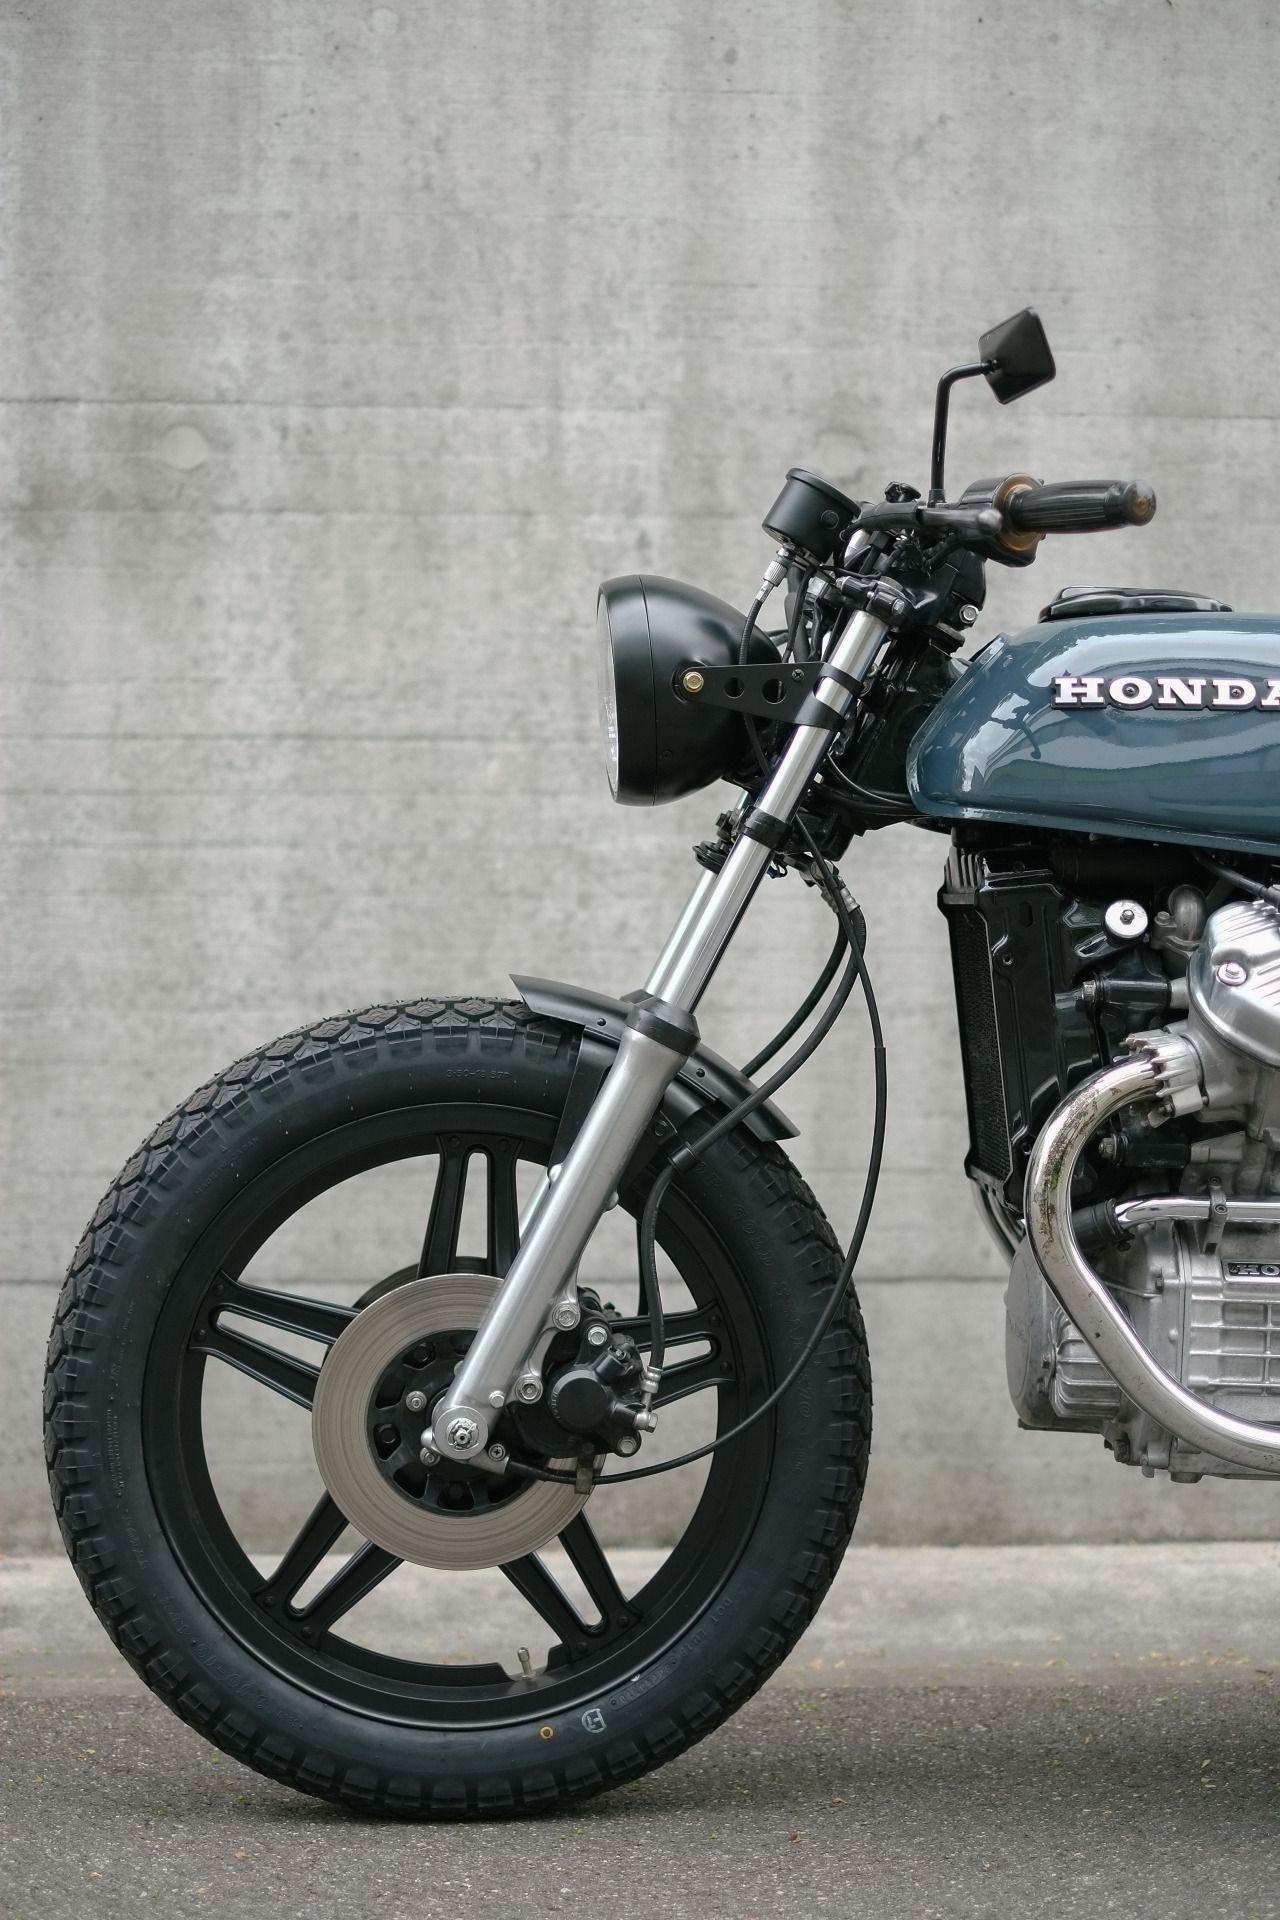 Must see Wallpaper Mobile Bike - wc1710350  Trends_431428.jpg